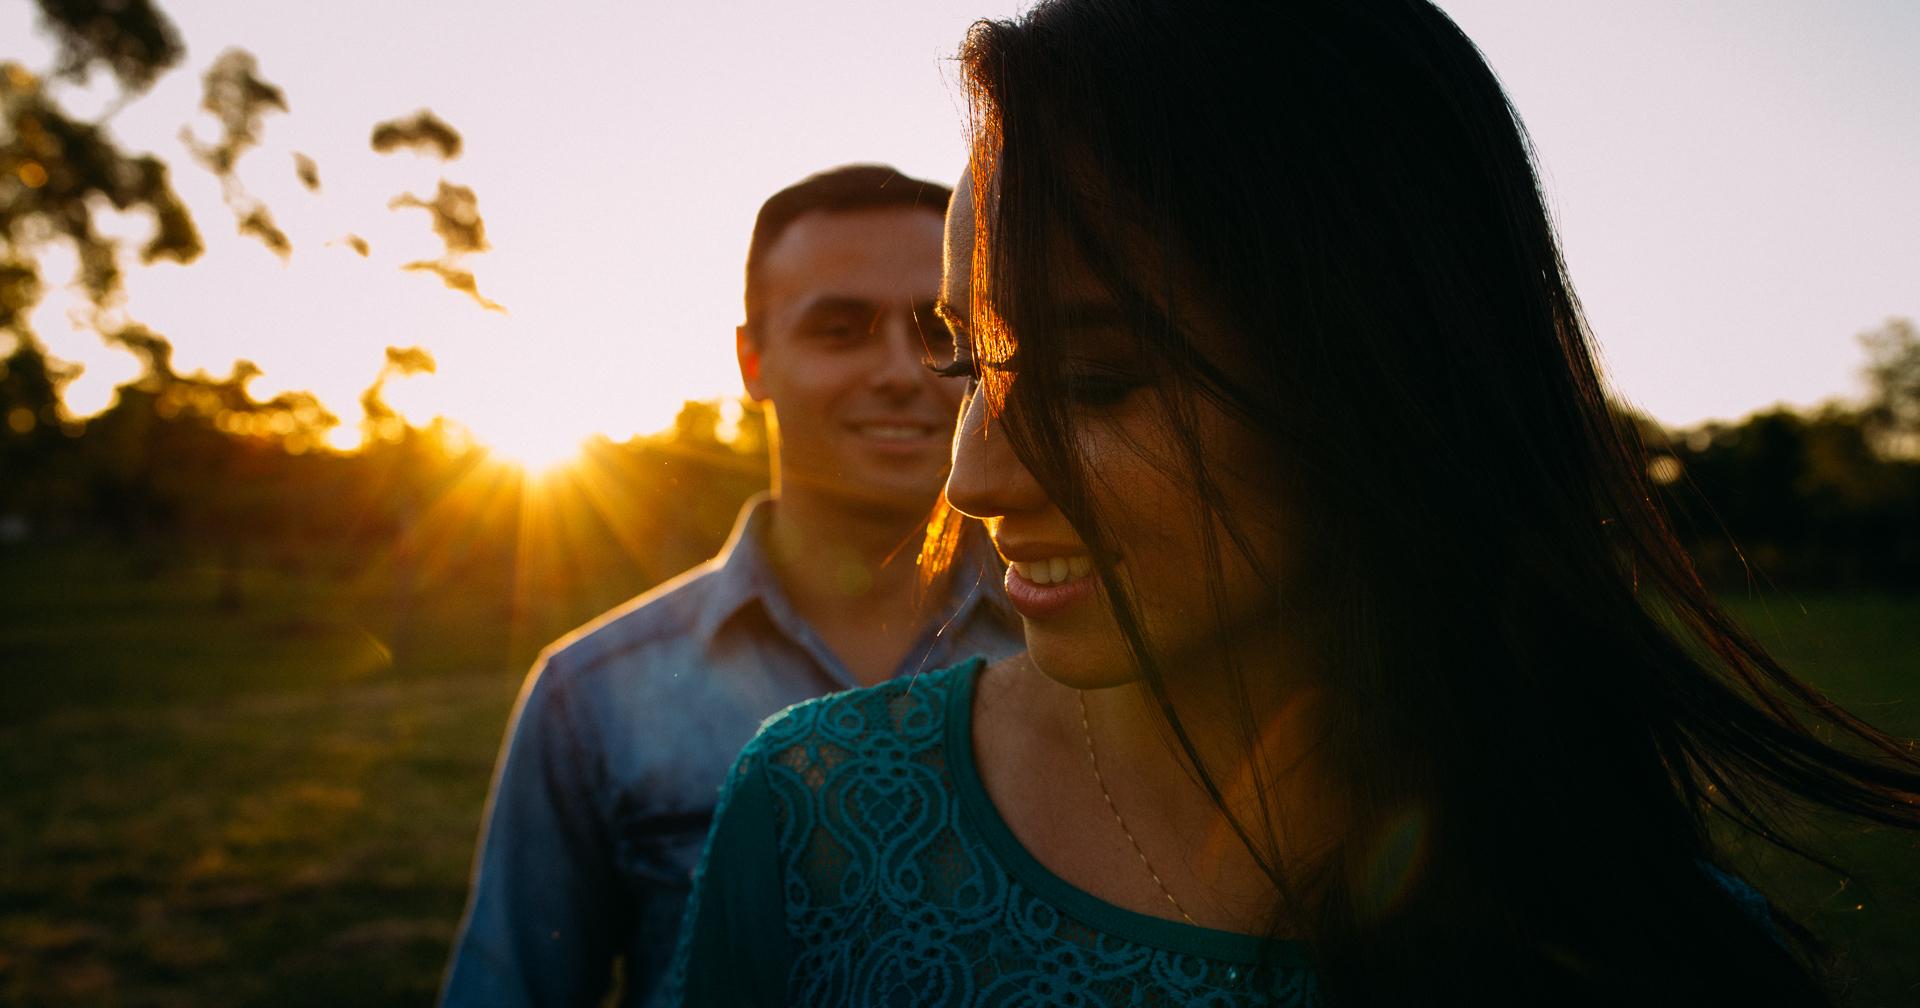 Contate Lucas Santos | Fotógrafo de Casamentos e 15 anos. Uruguaiana - RS